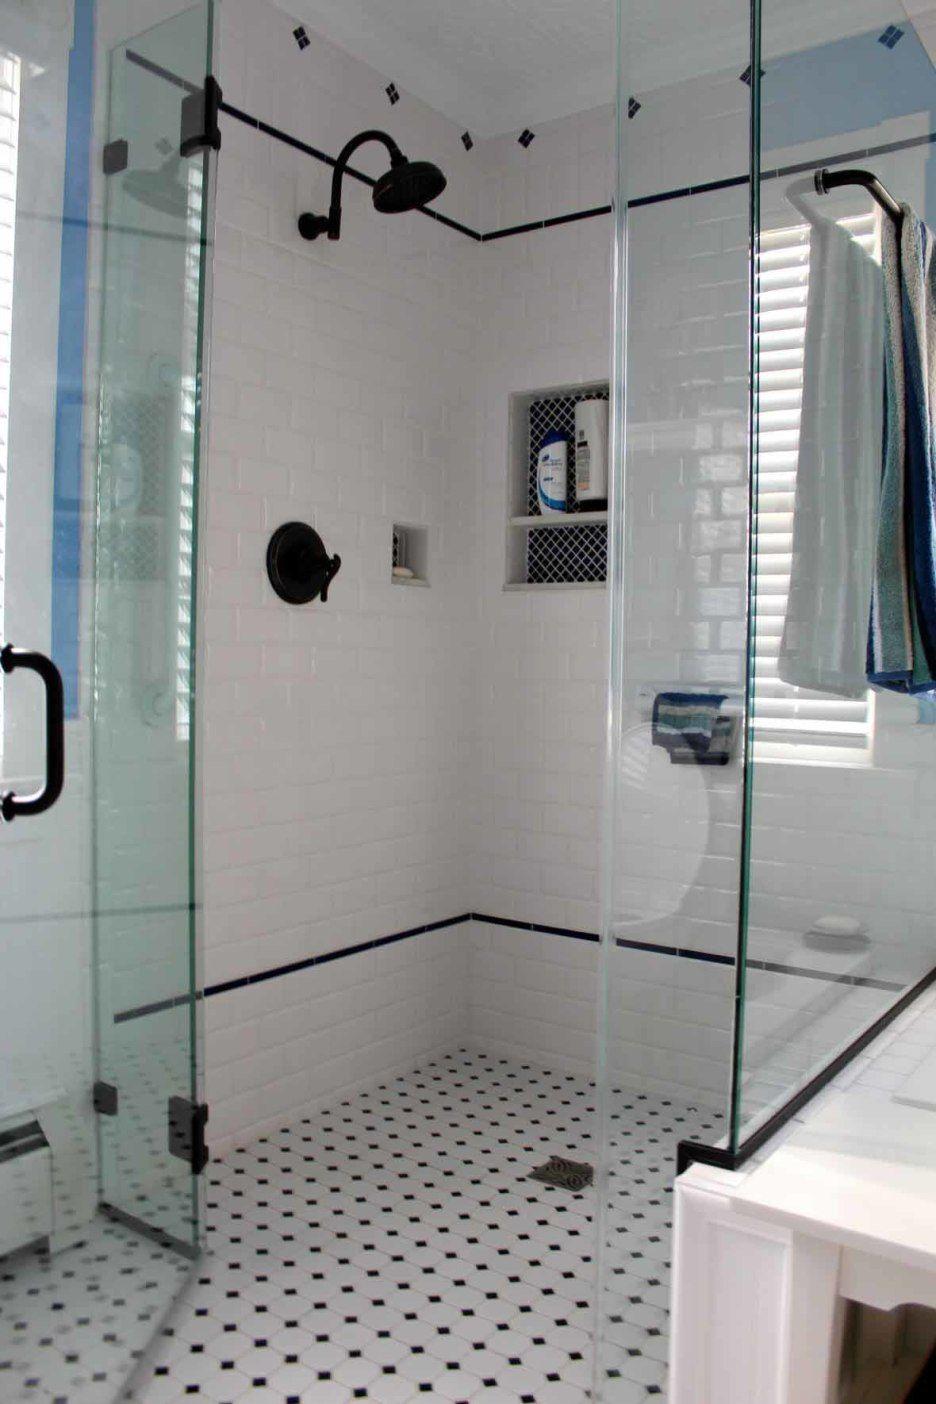 Bathroom White And Black Diamond Mosaic Tile Floor For Shower